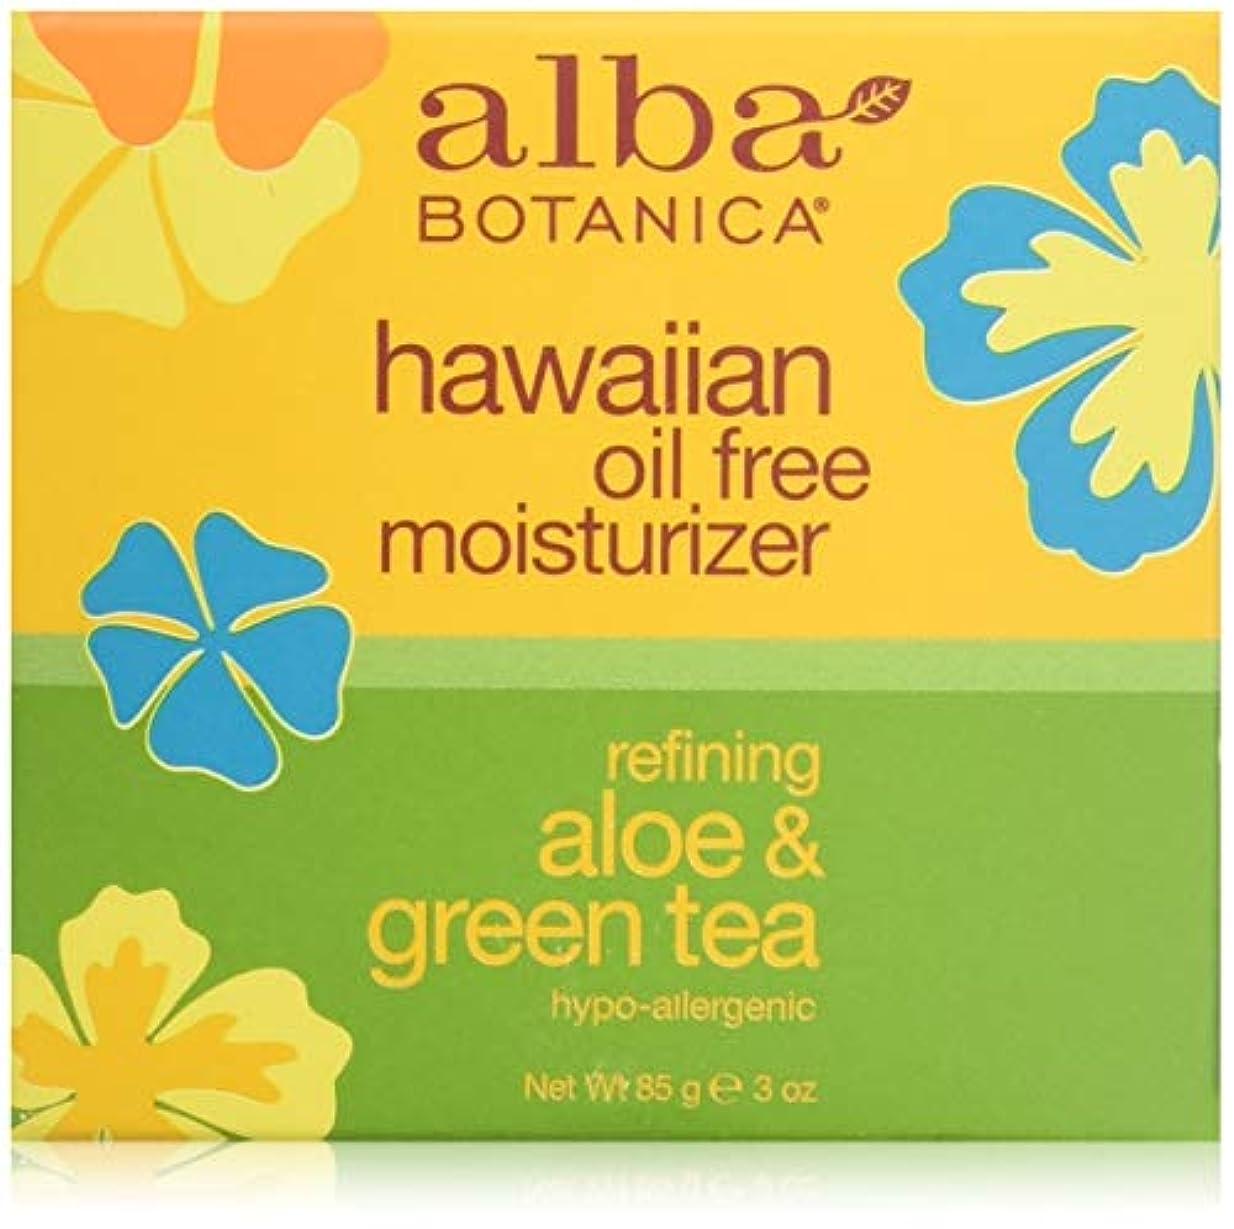 登る狂気雹Alba Botanica, Aloe & Green Tea Oil-Free Moisturizer, 3 oz (85 g)